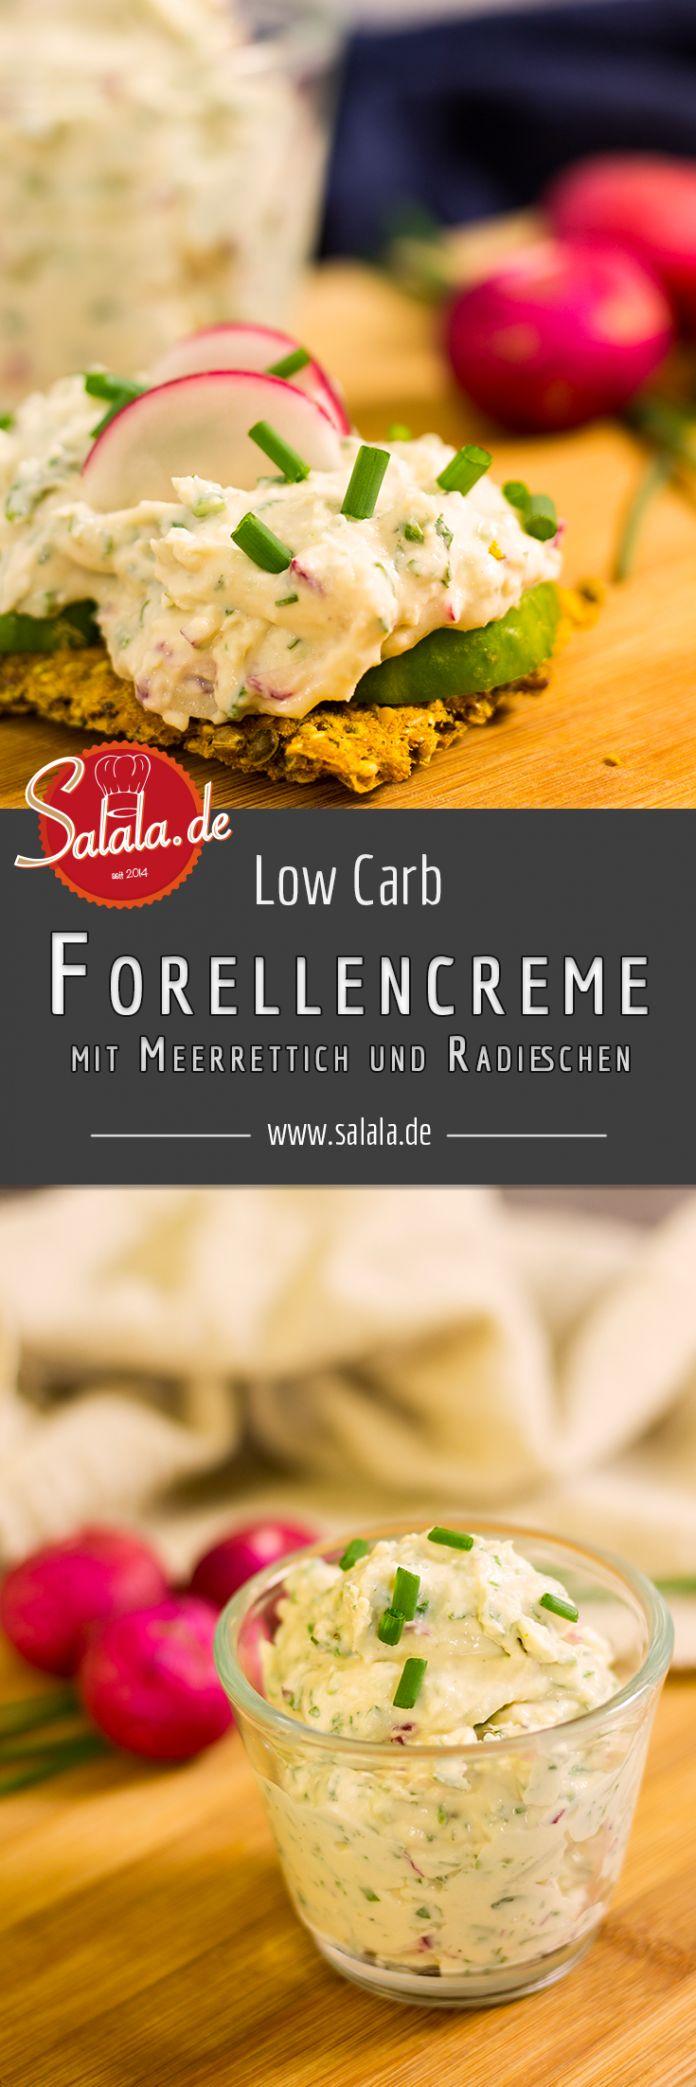 Low Carb Fischcreme mit Meerrettich – Monika Schneider